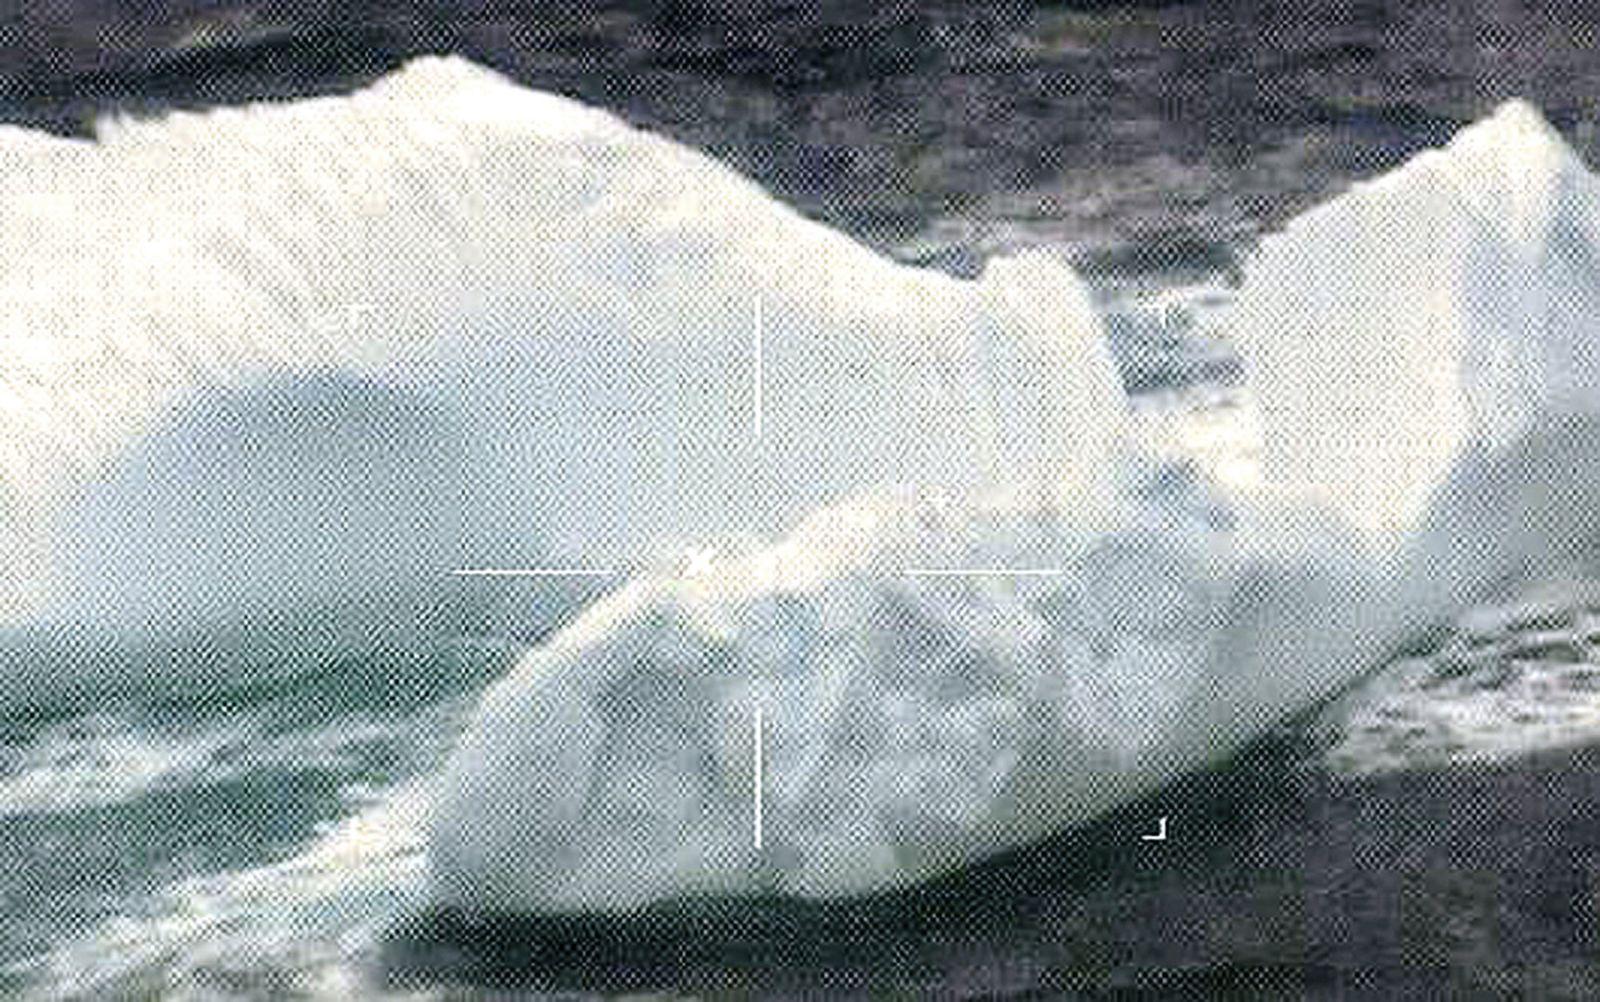 Eisberg/ Schifffahrtsweg